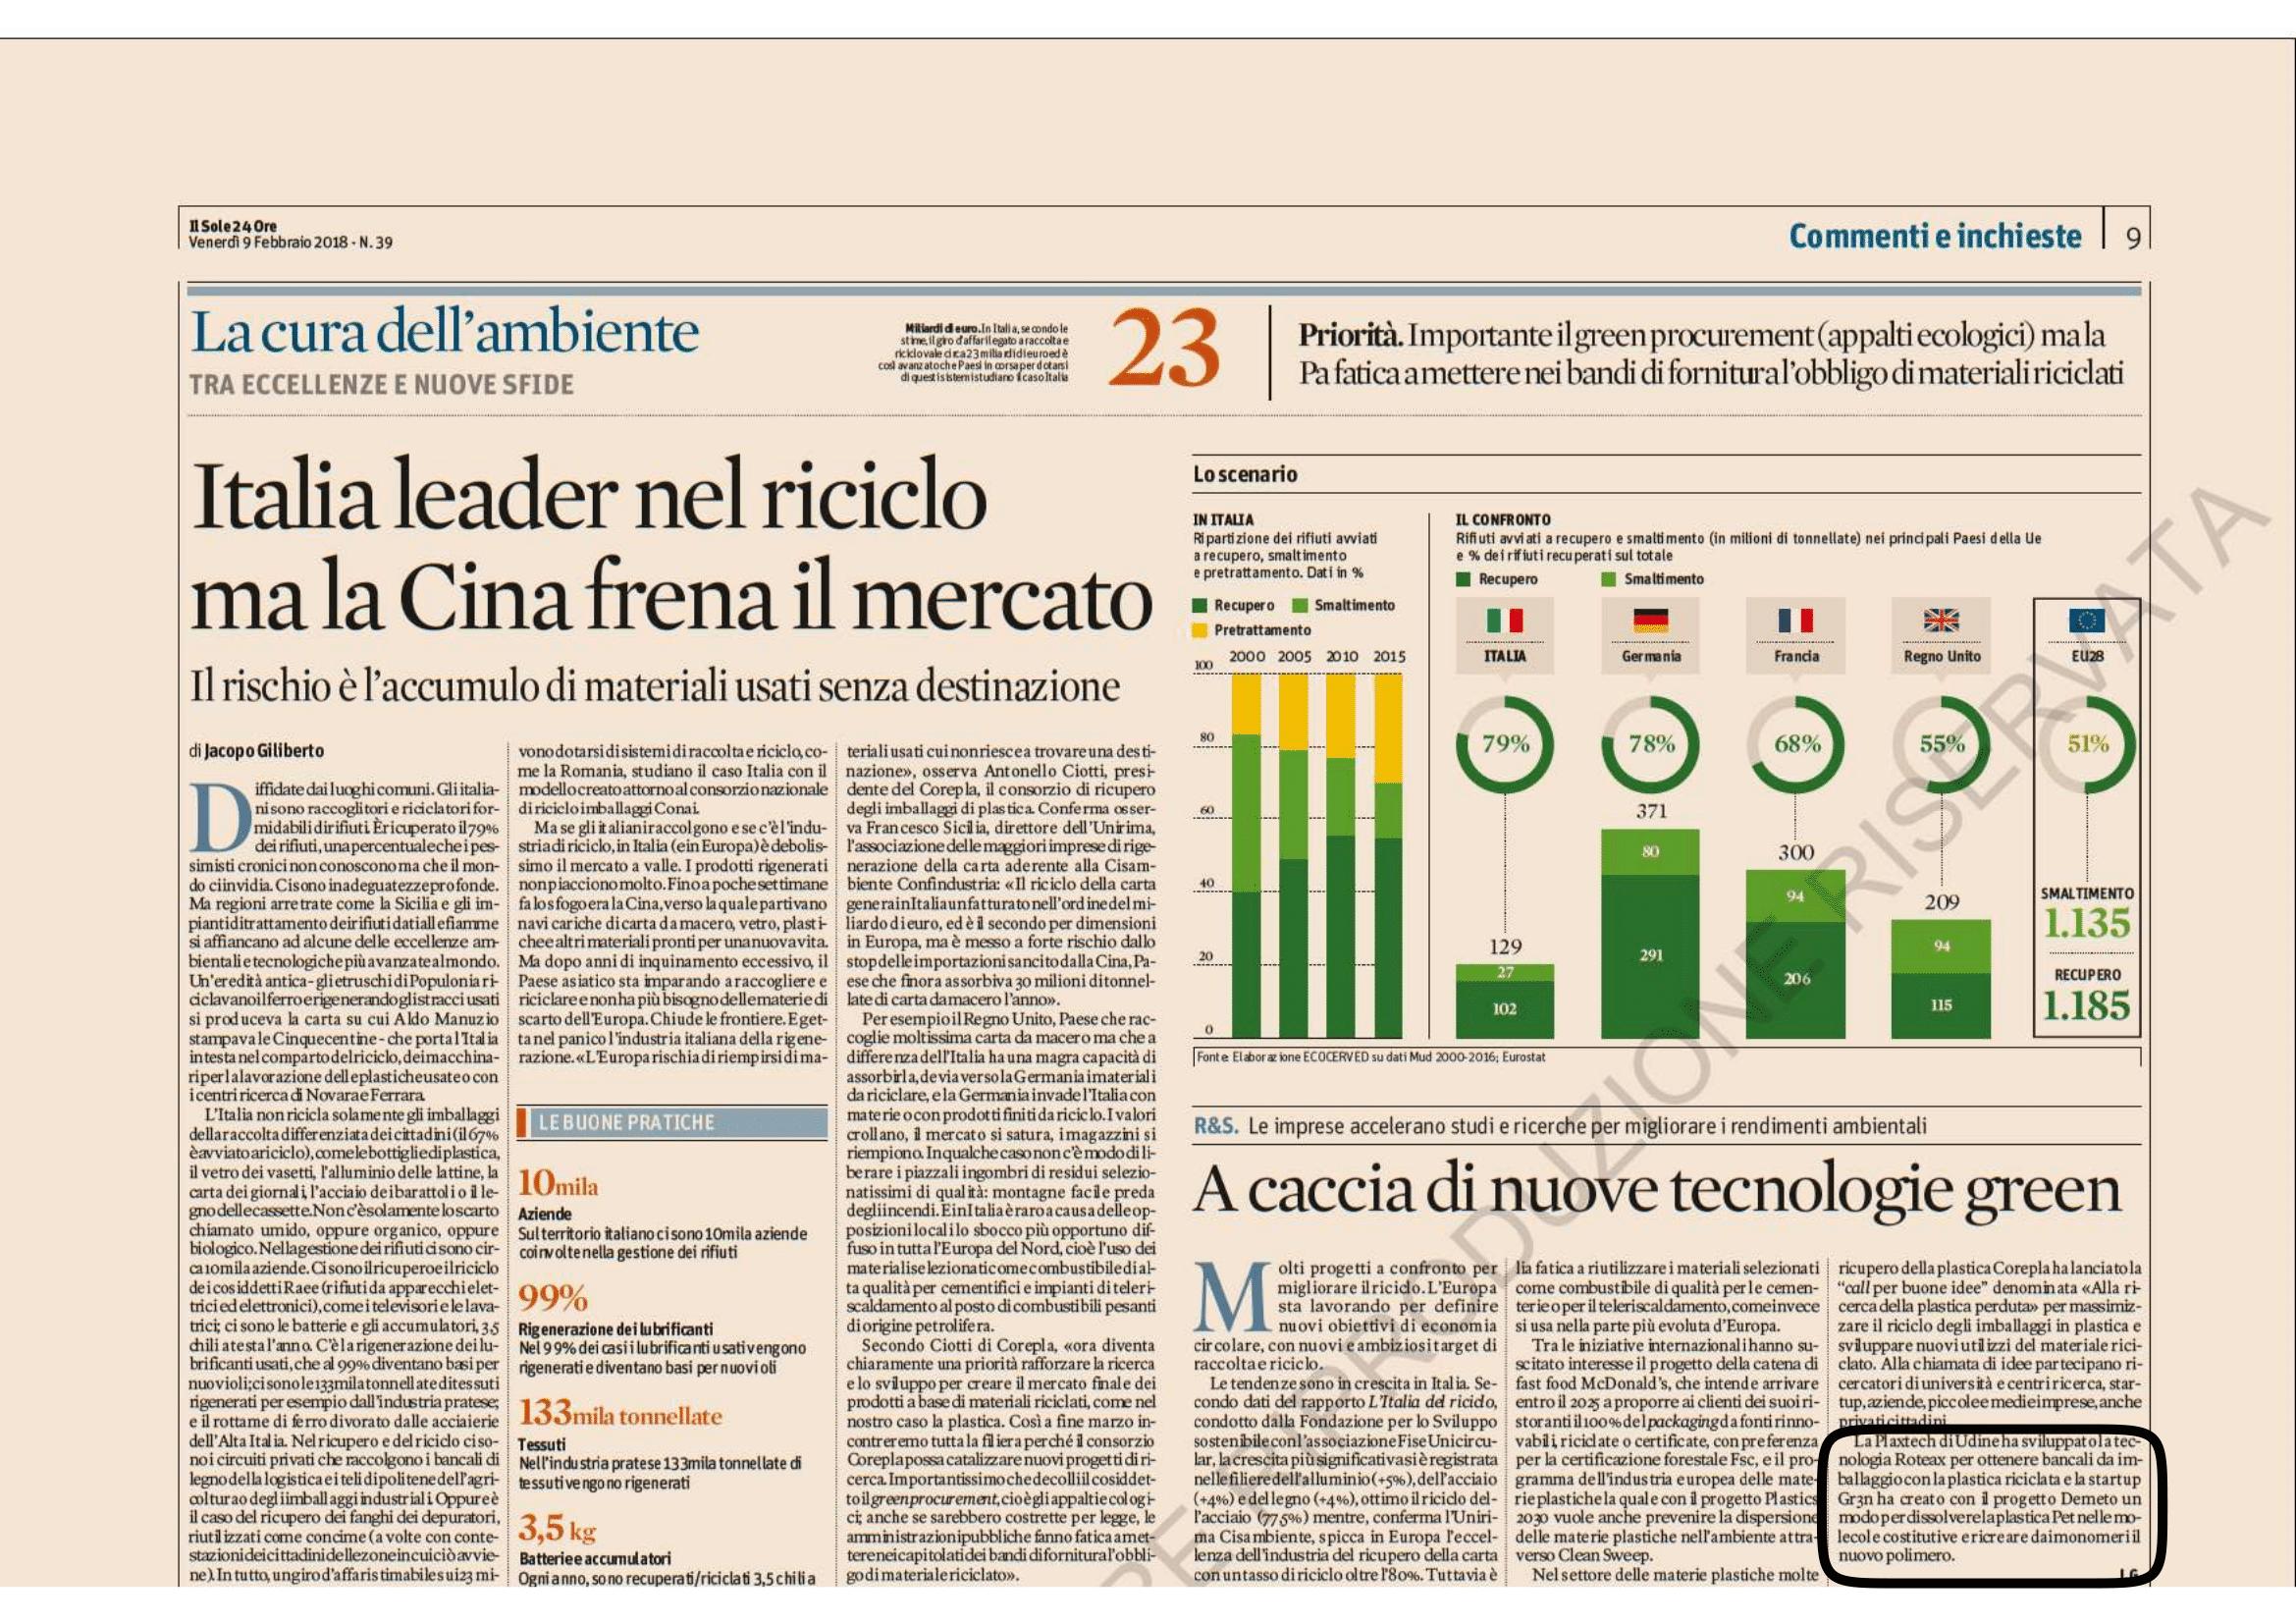 Italia leader nel riciclo ma la Cina frena il mercato 15